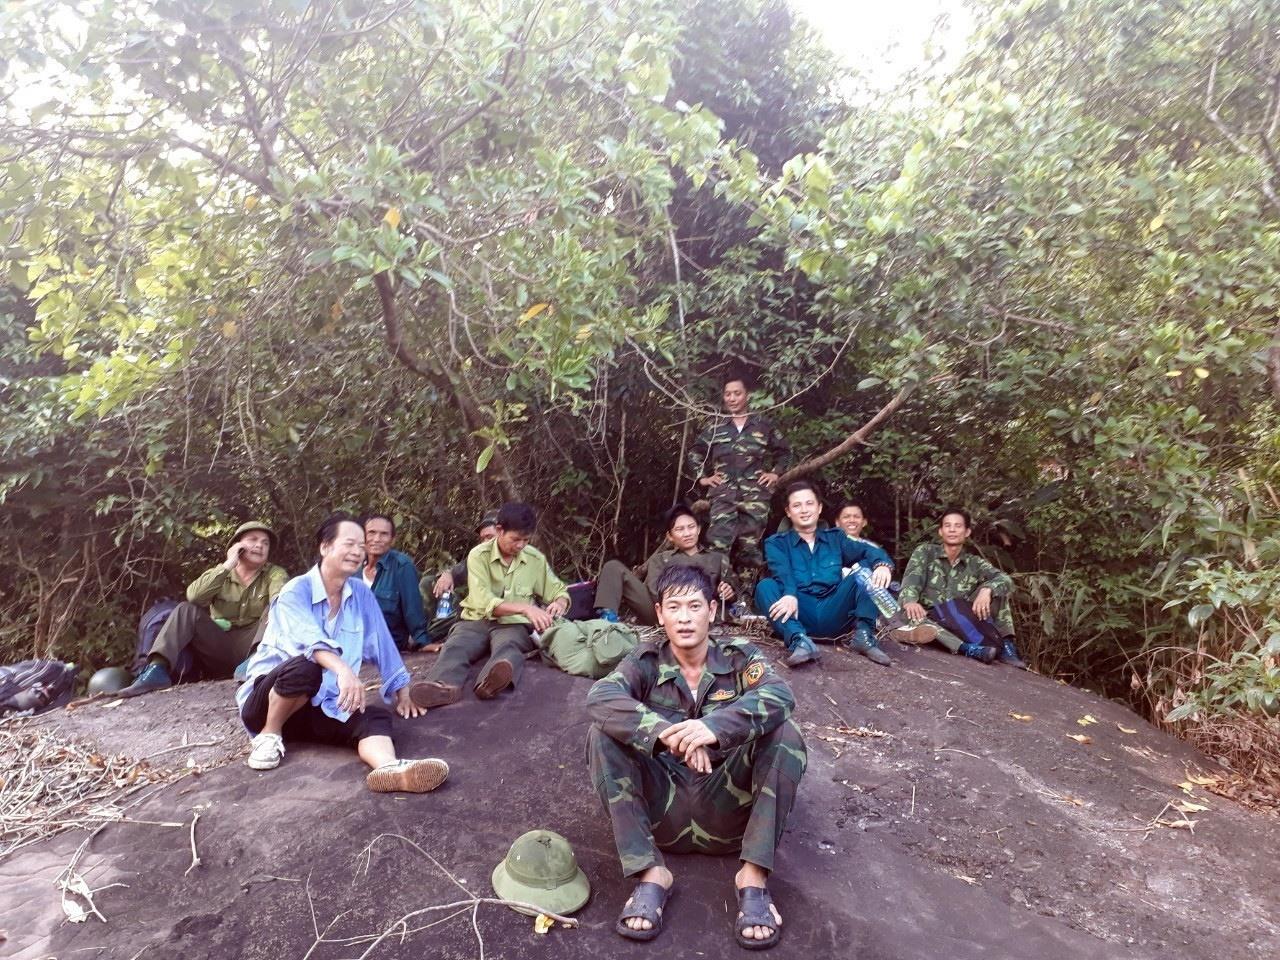 Đội tuần tra, phòng chống cháy rừng của Ban Quản lý Di sản Văn hóa Mỹ Sơn